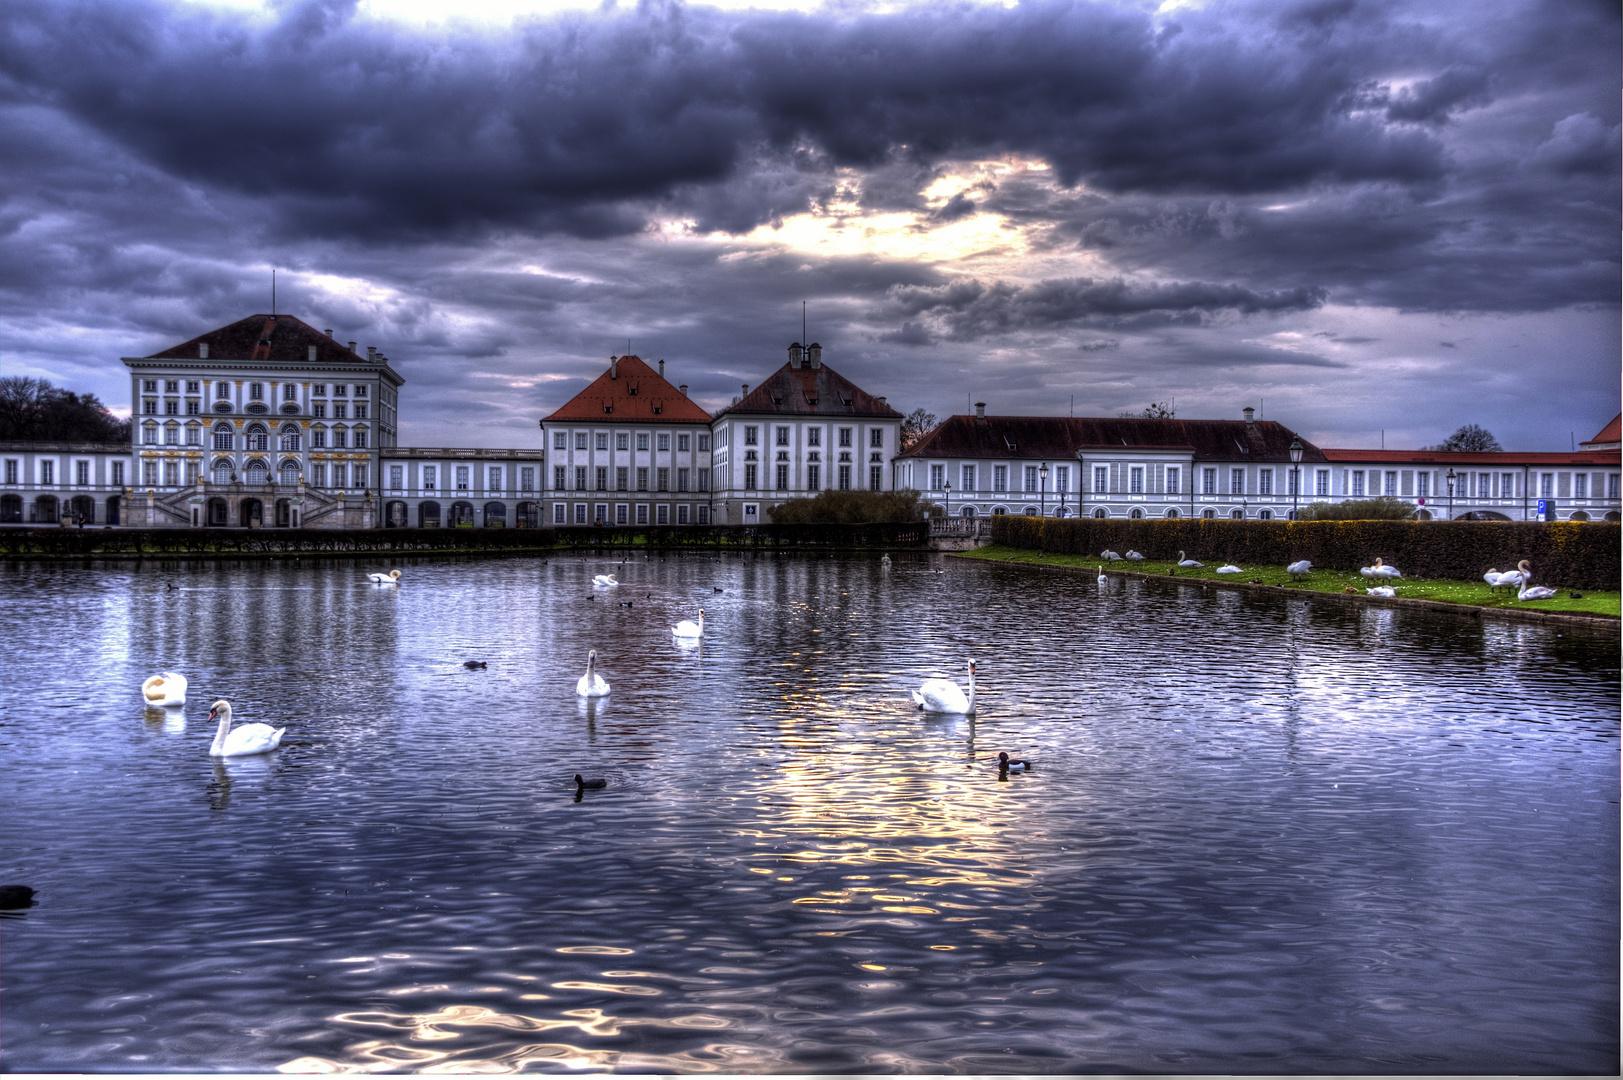 München, Nymphenburger Park, Schloss Nymphenburg